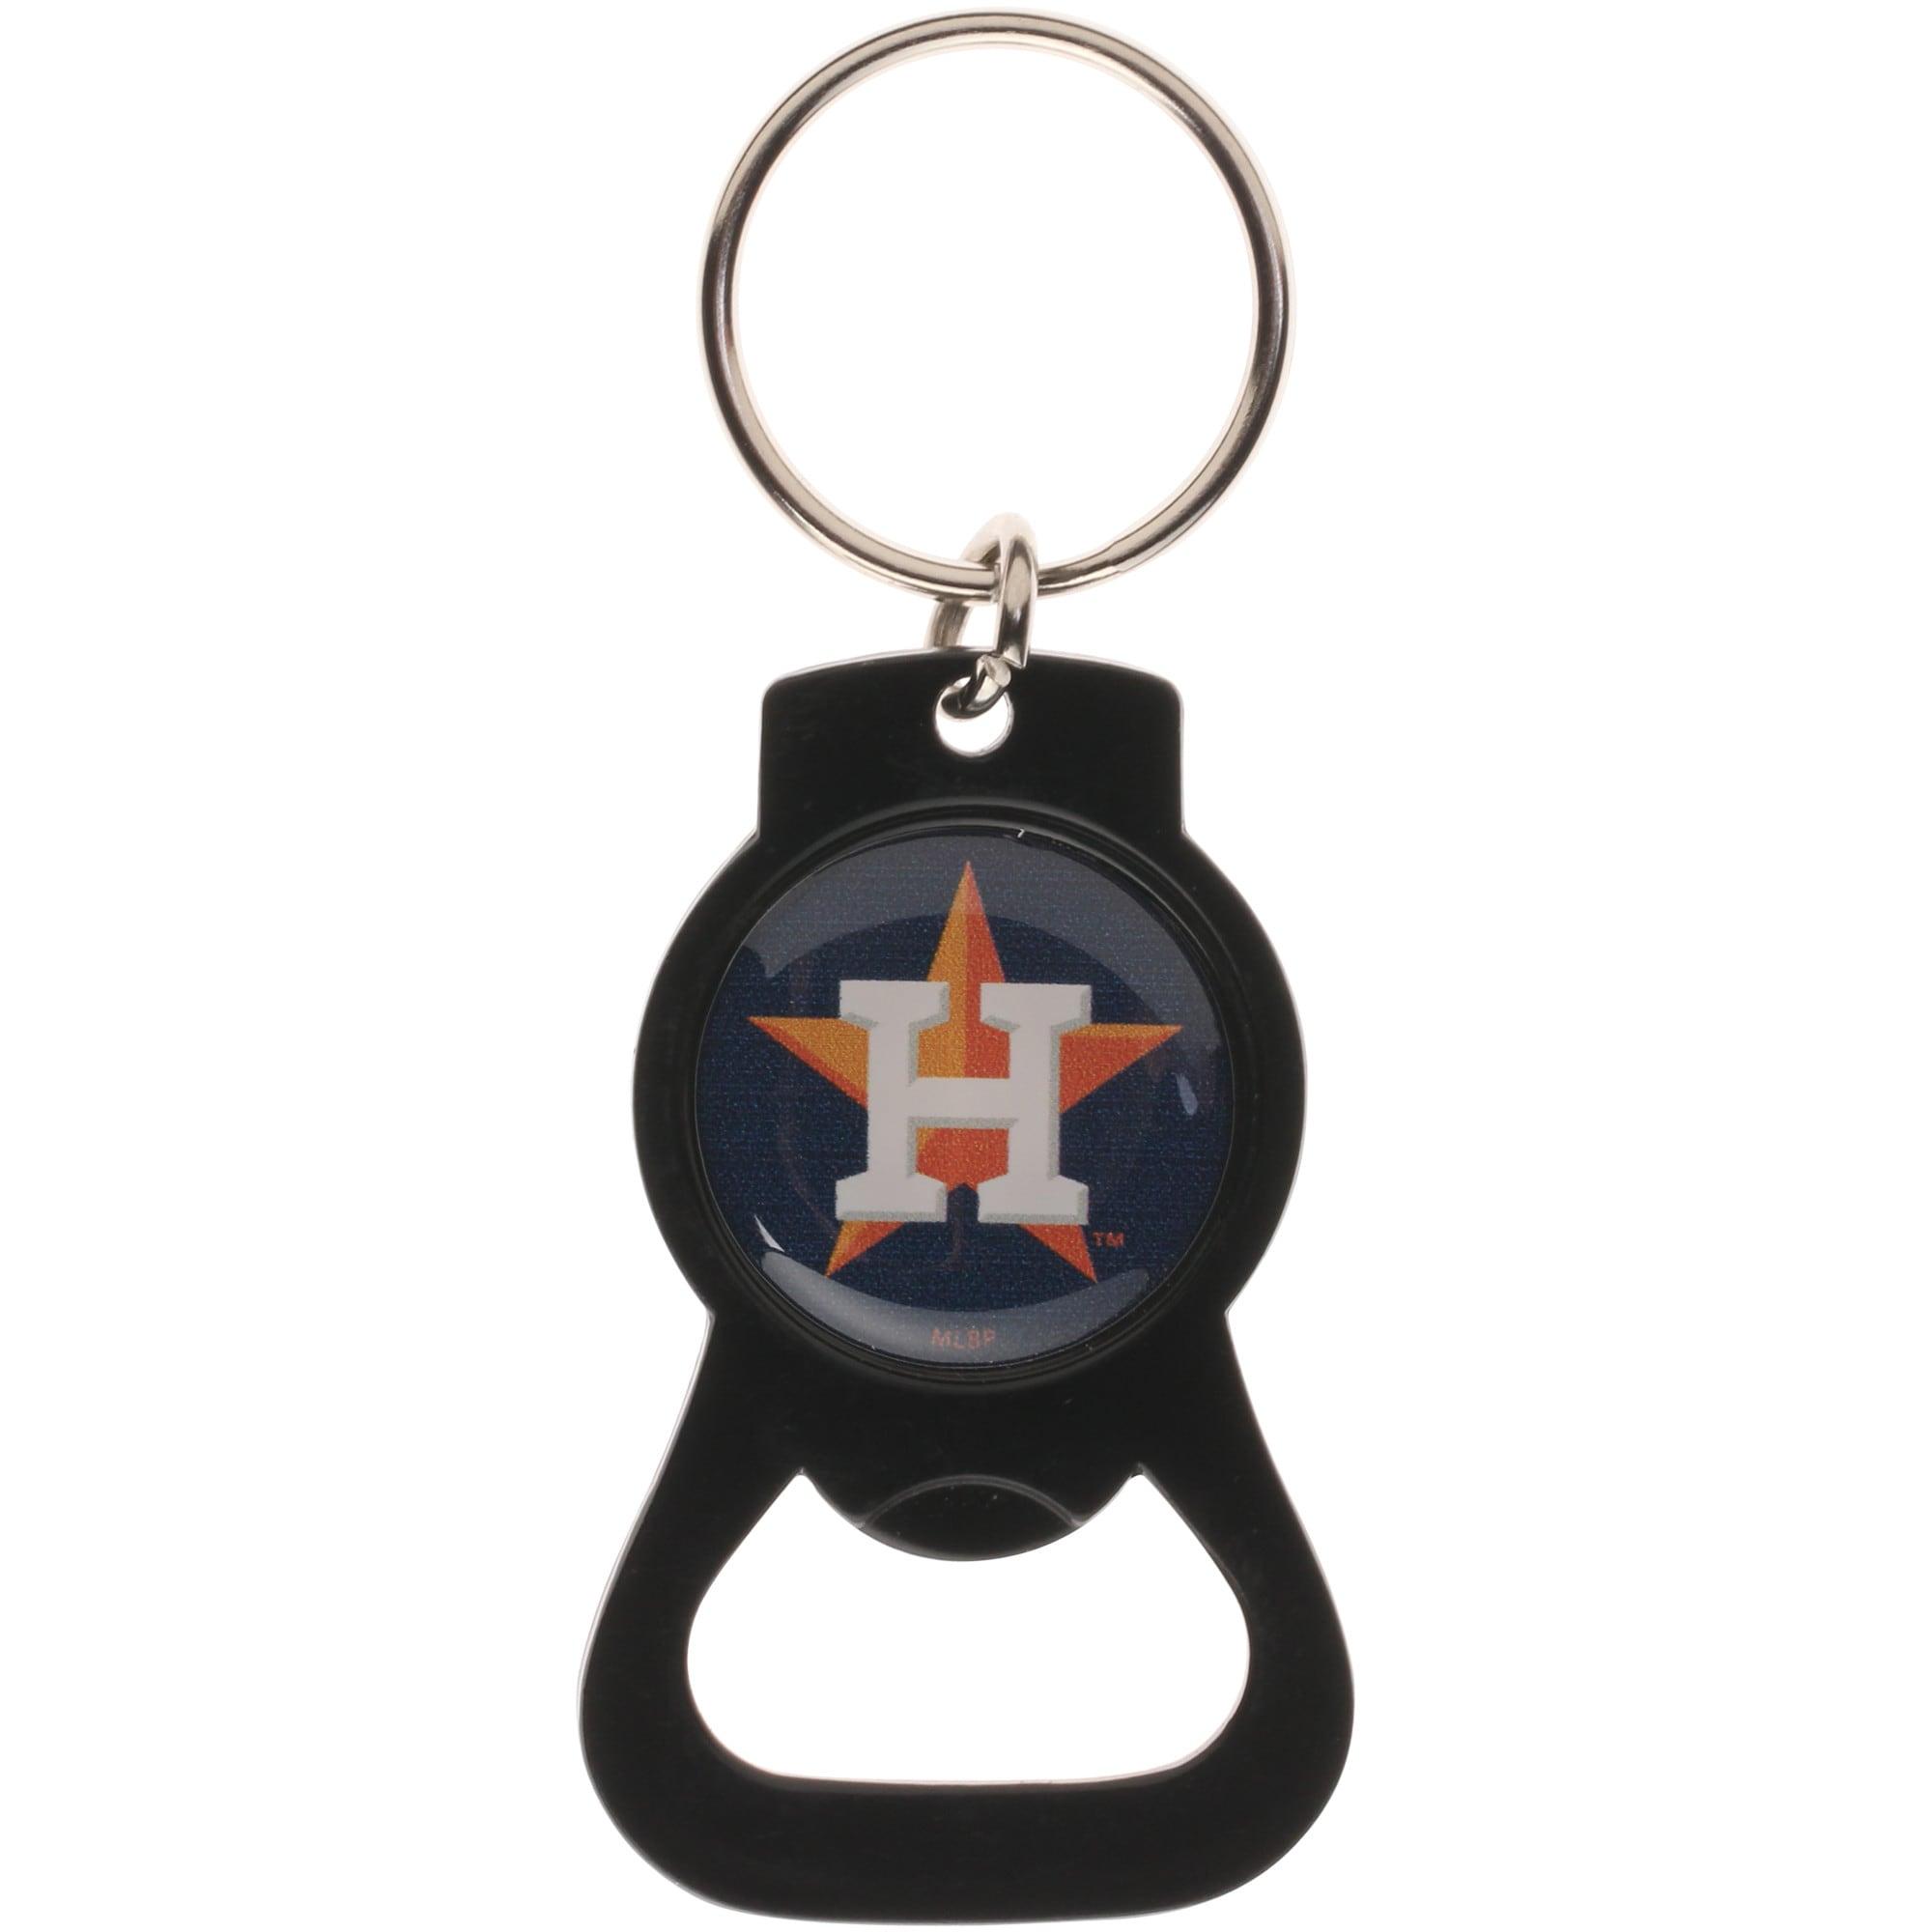 Houston Astros Bottle Opener Keychain - Black